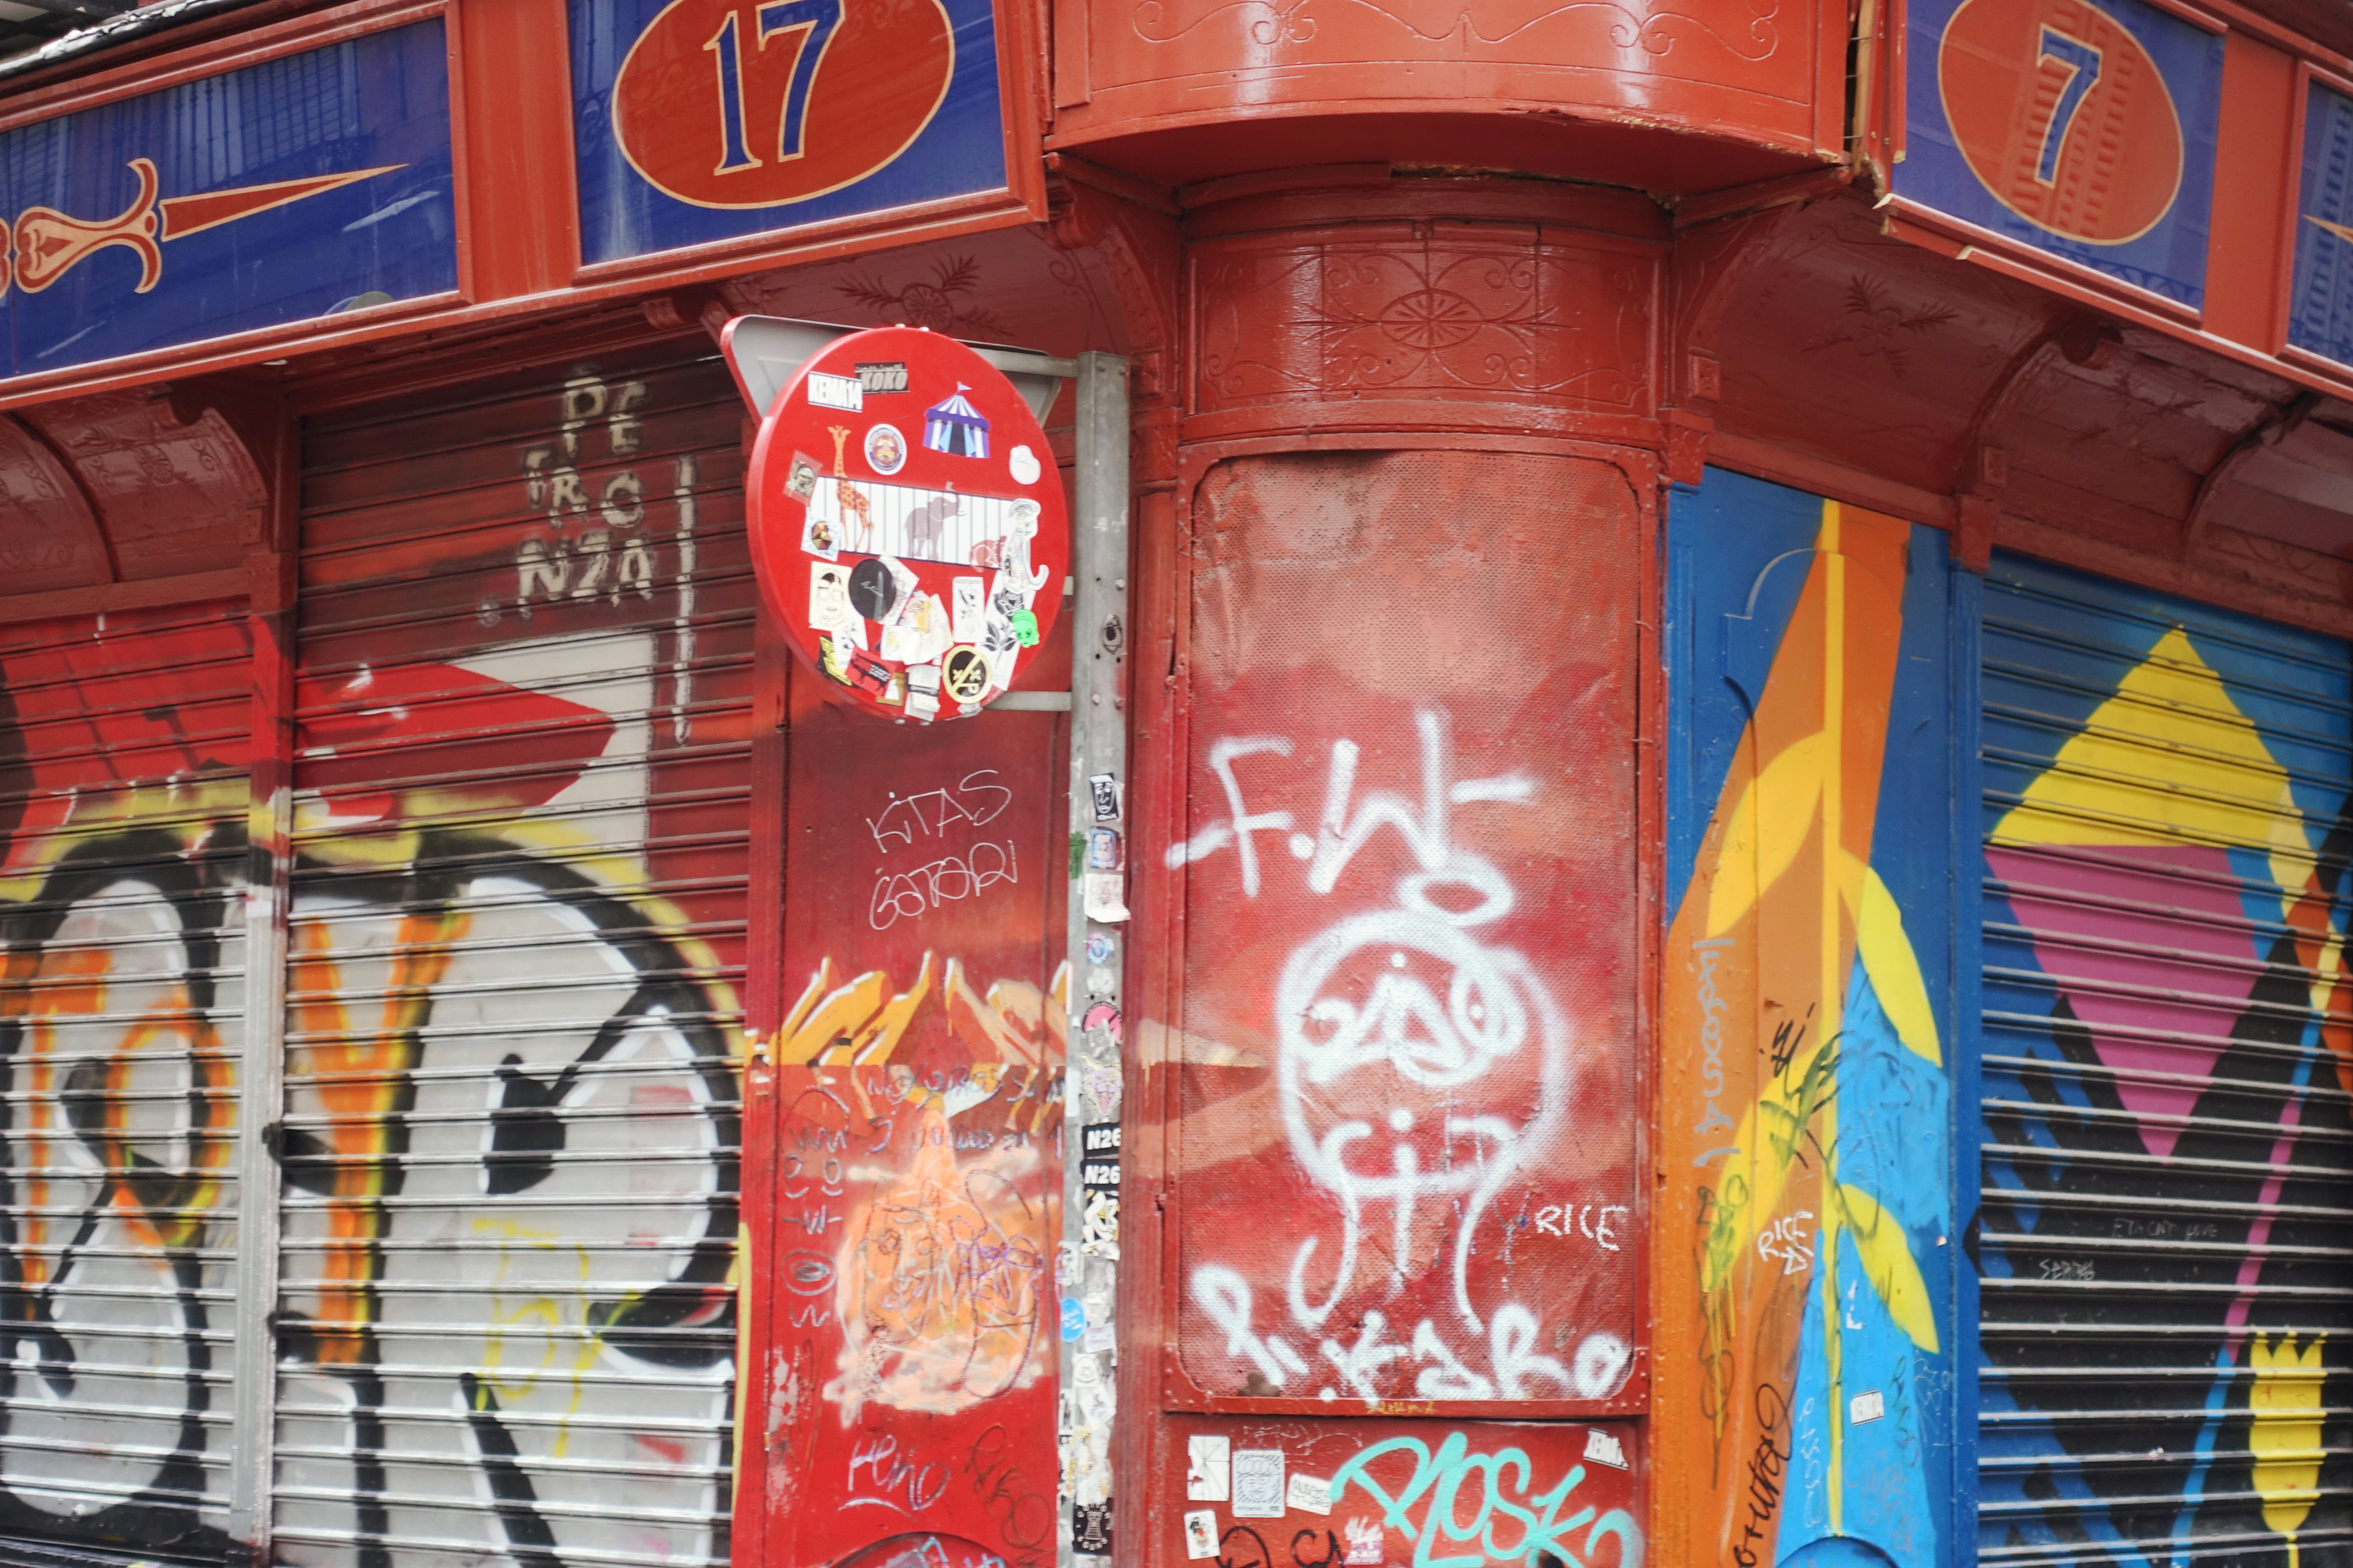 Barrio-hipster-de-madrid-PiensaenChic-blog-de-moda-Chicadicta-influencer-arte-urbano-malasana